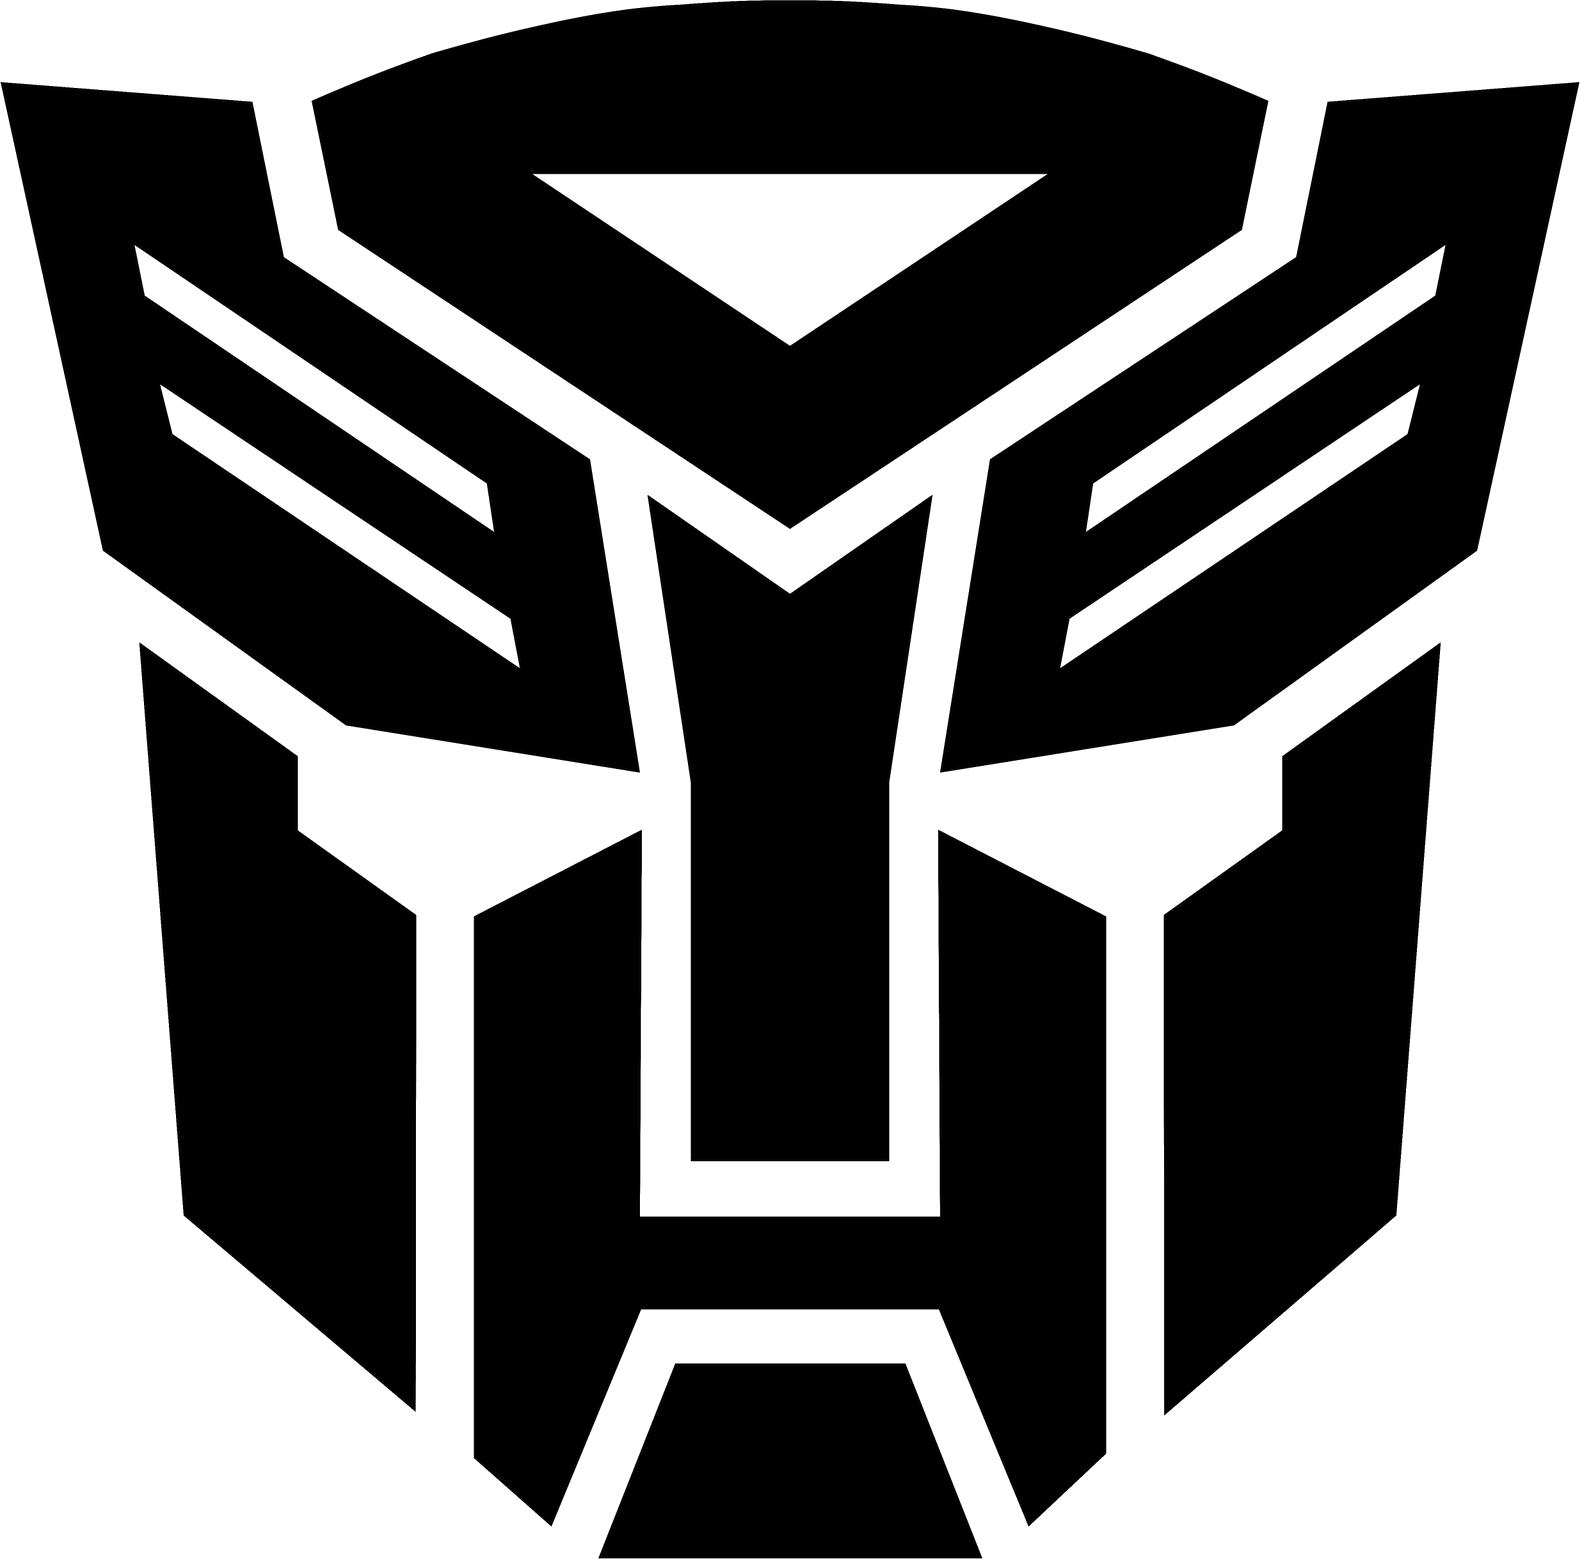 Transformers Logos PNG Image Transformer logo